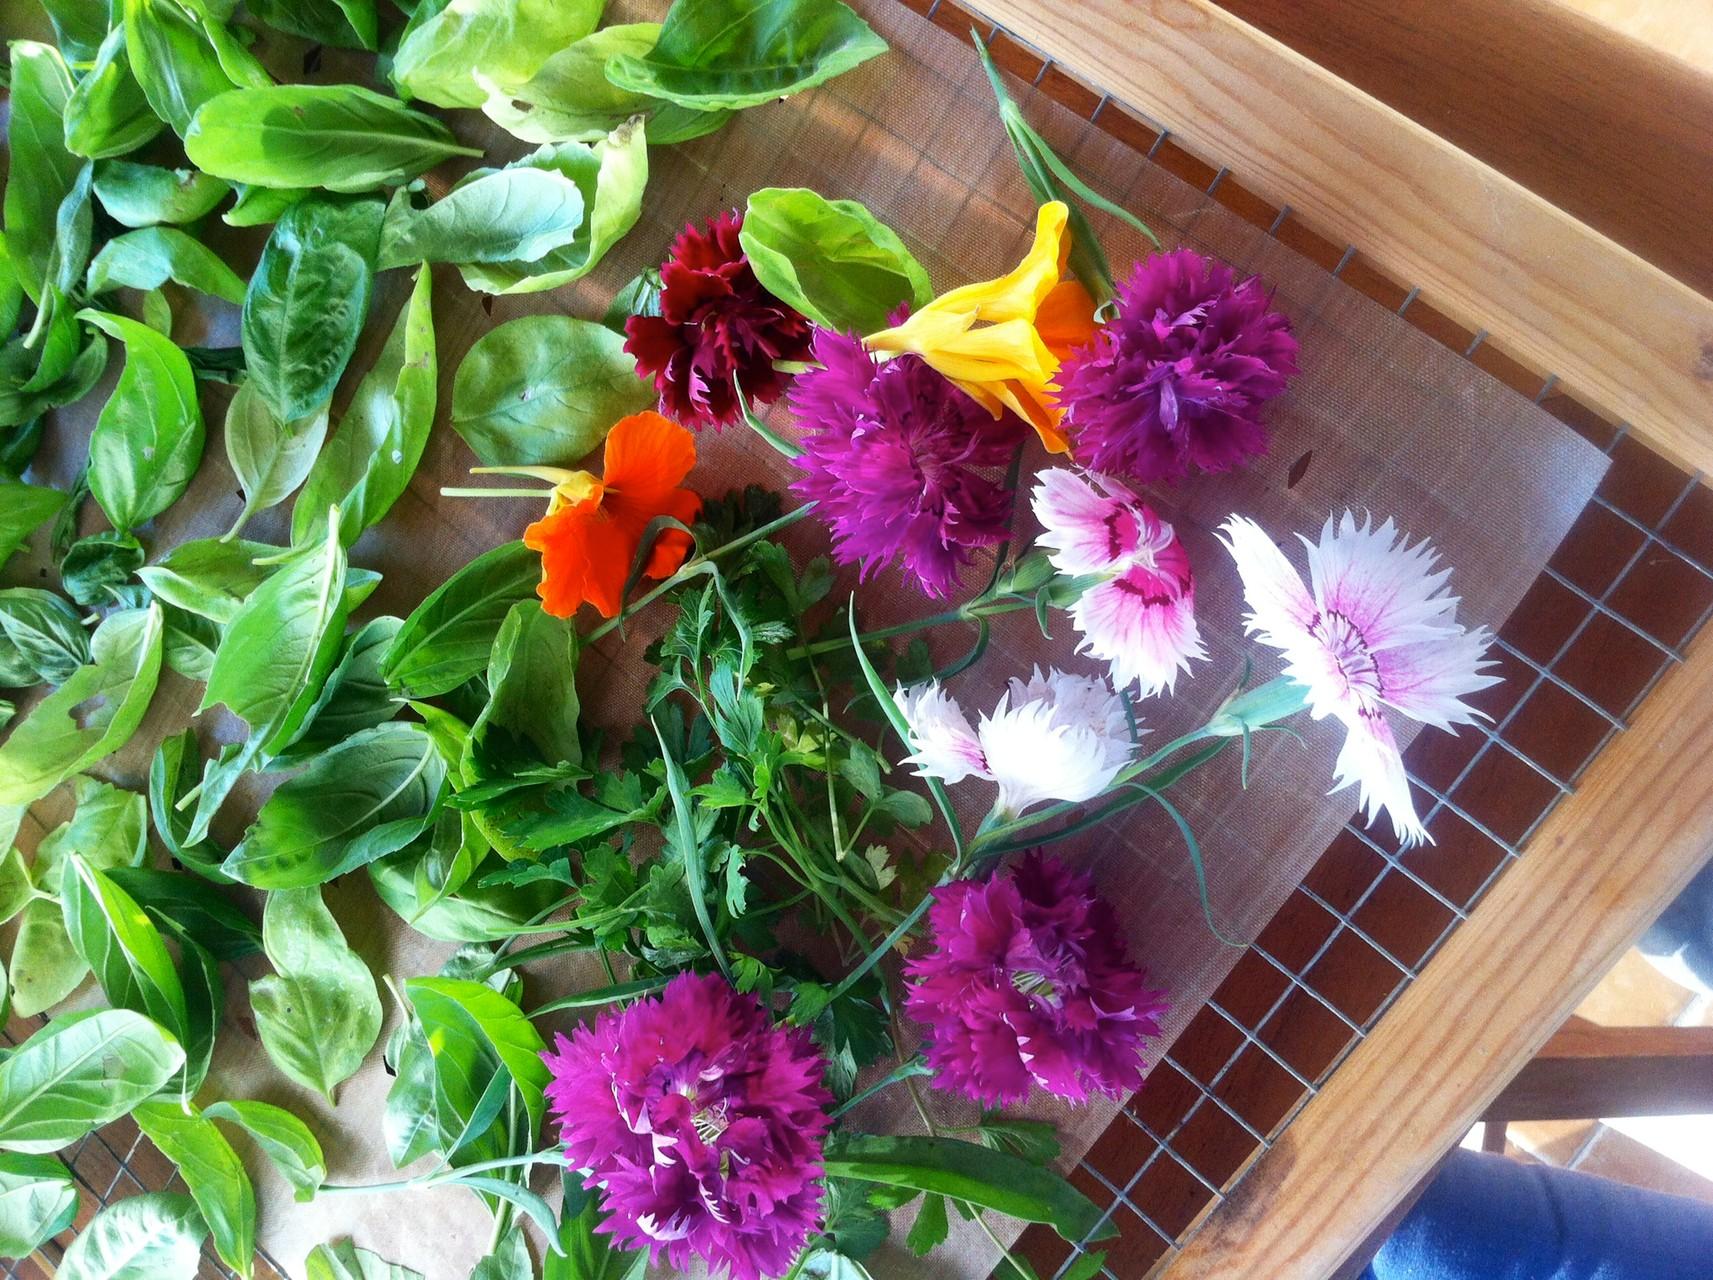 Flores comestibles en el deshidratador